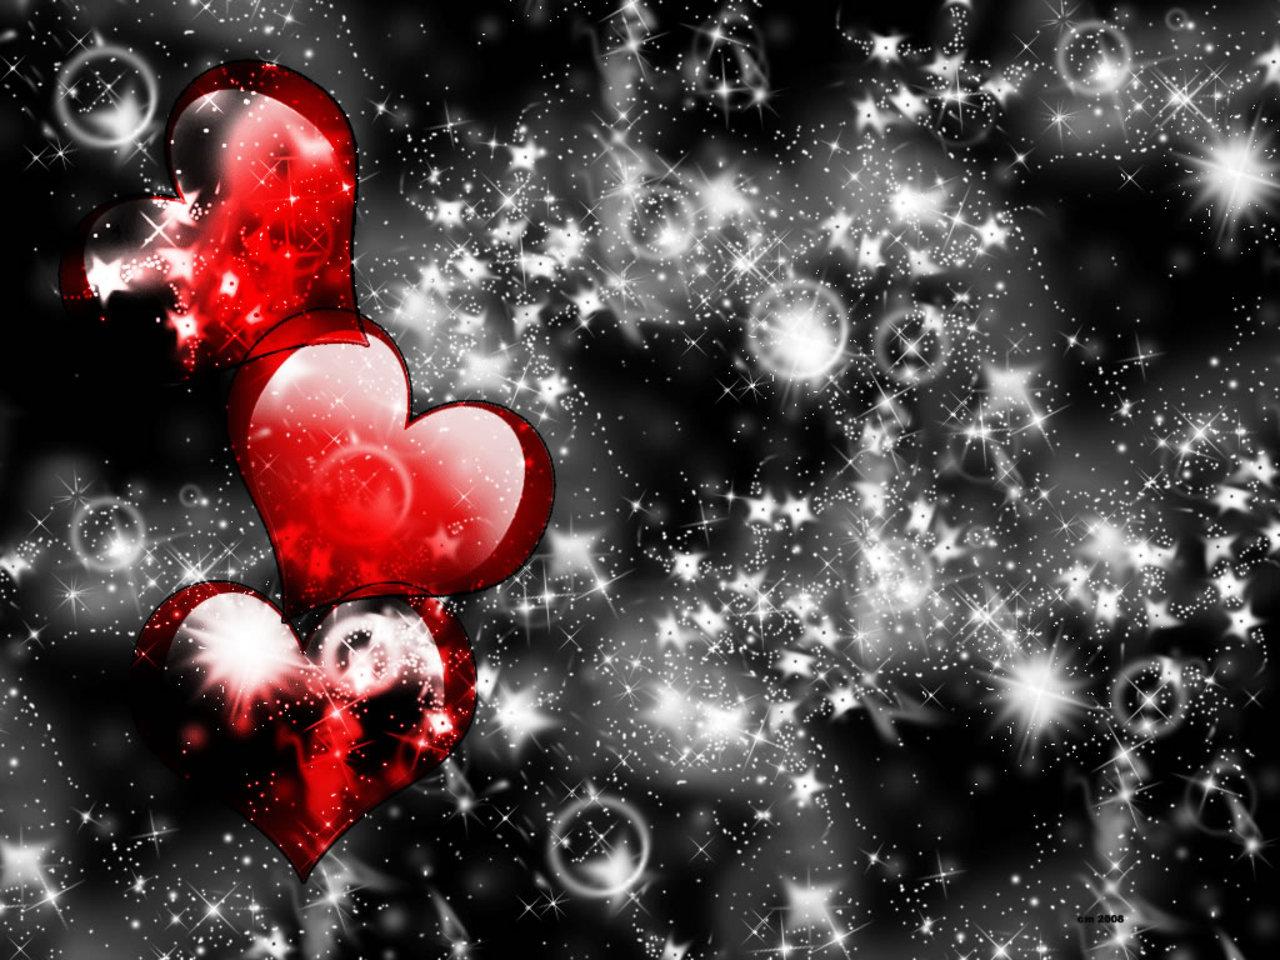 Fondo de pantalla de corazones y burbujas brillantes